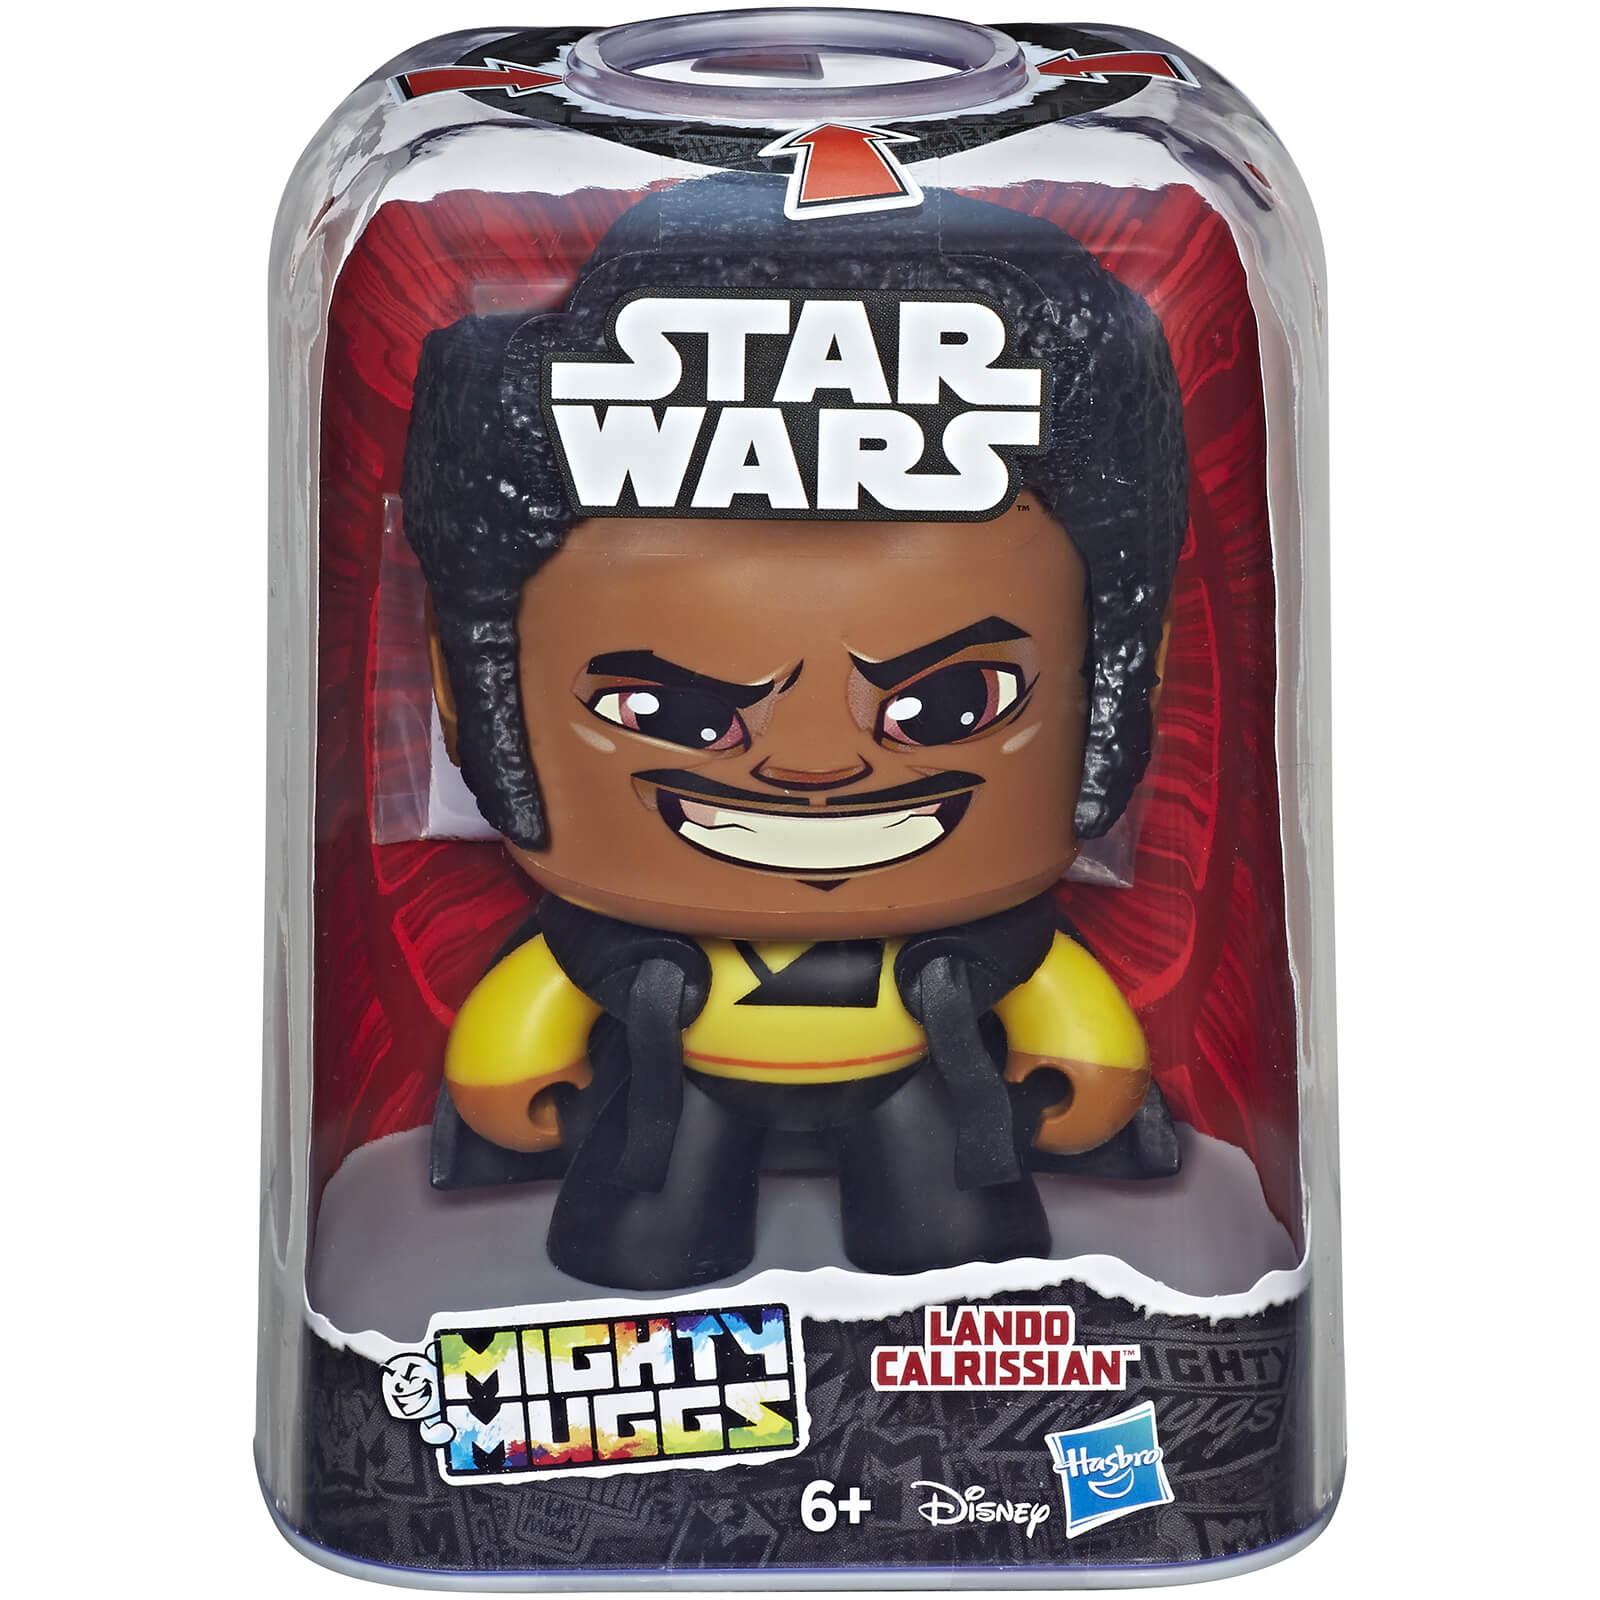 Mighty Muggs Star Wars Mighty Muggs - Lando Calrissian